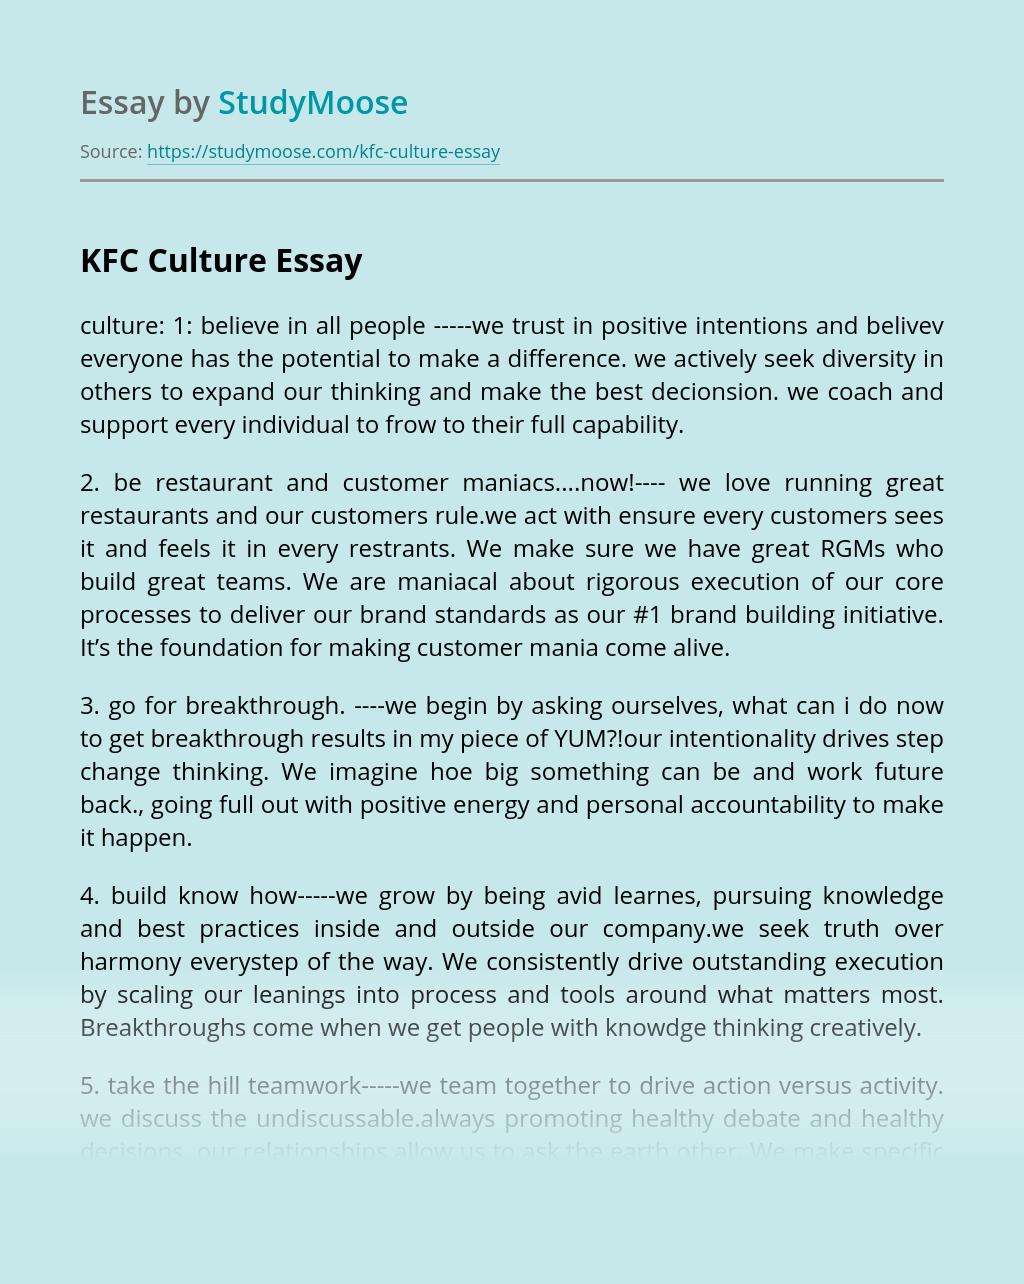 KFC Culture